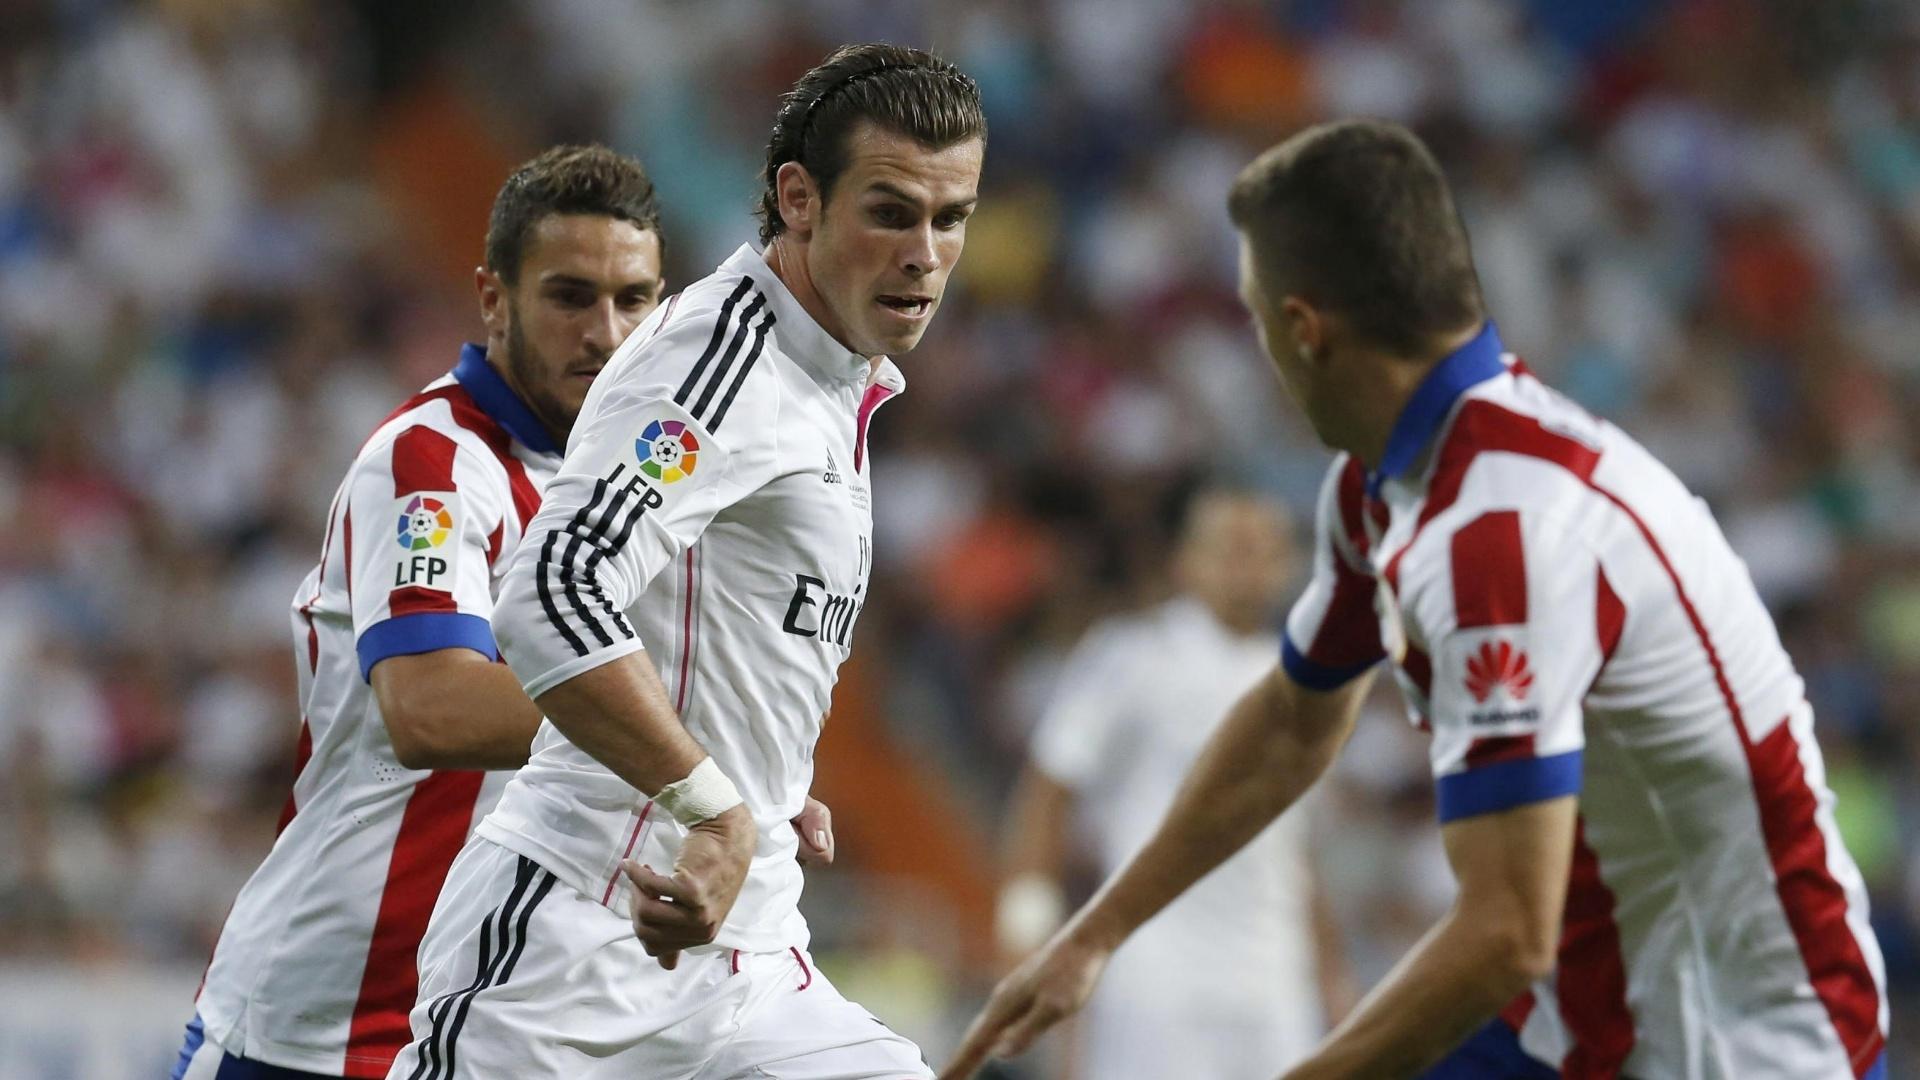 Gareth Bale tenta passar pela marcação dos jogadores do Atlético de Madrid